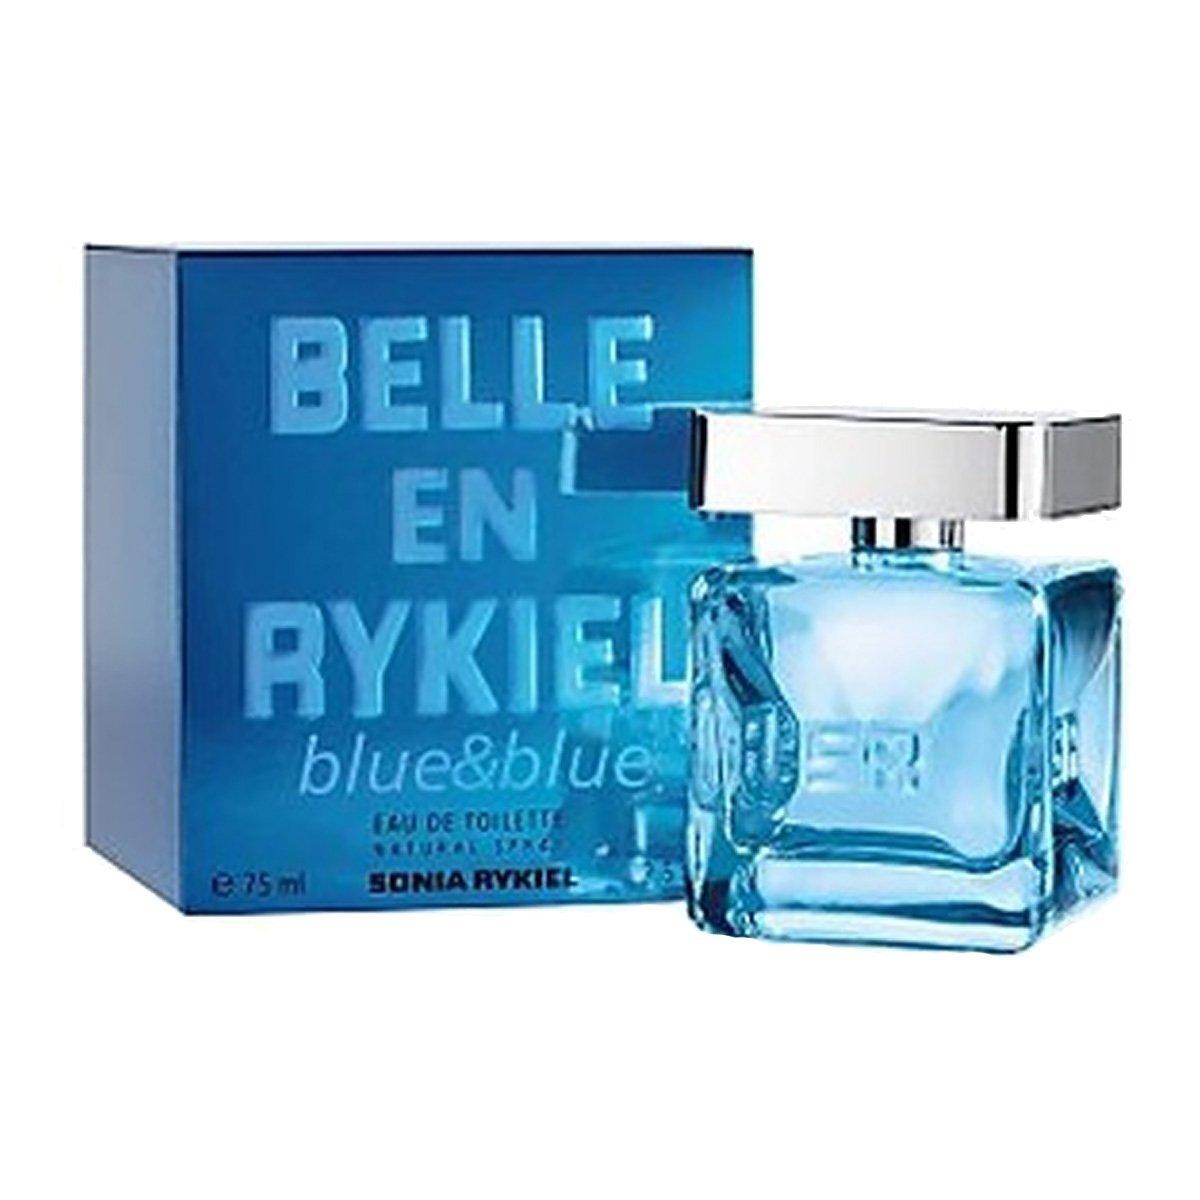 Belle en Rykiel Blue & Blue